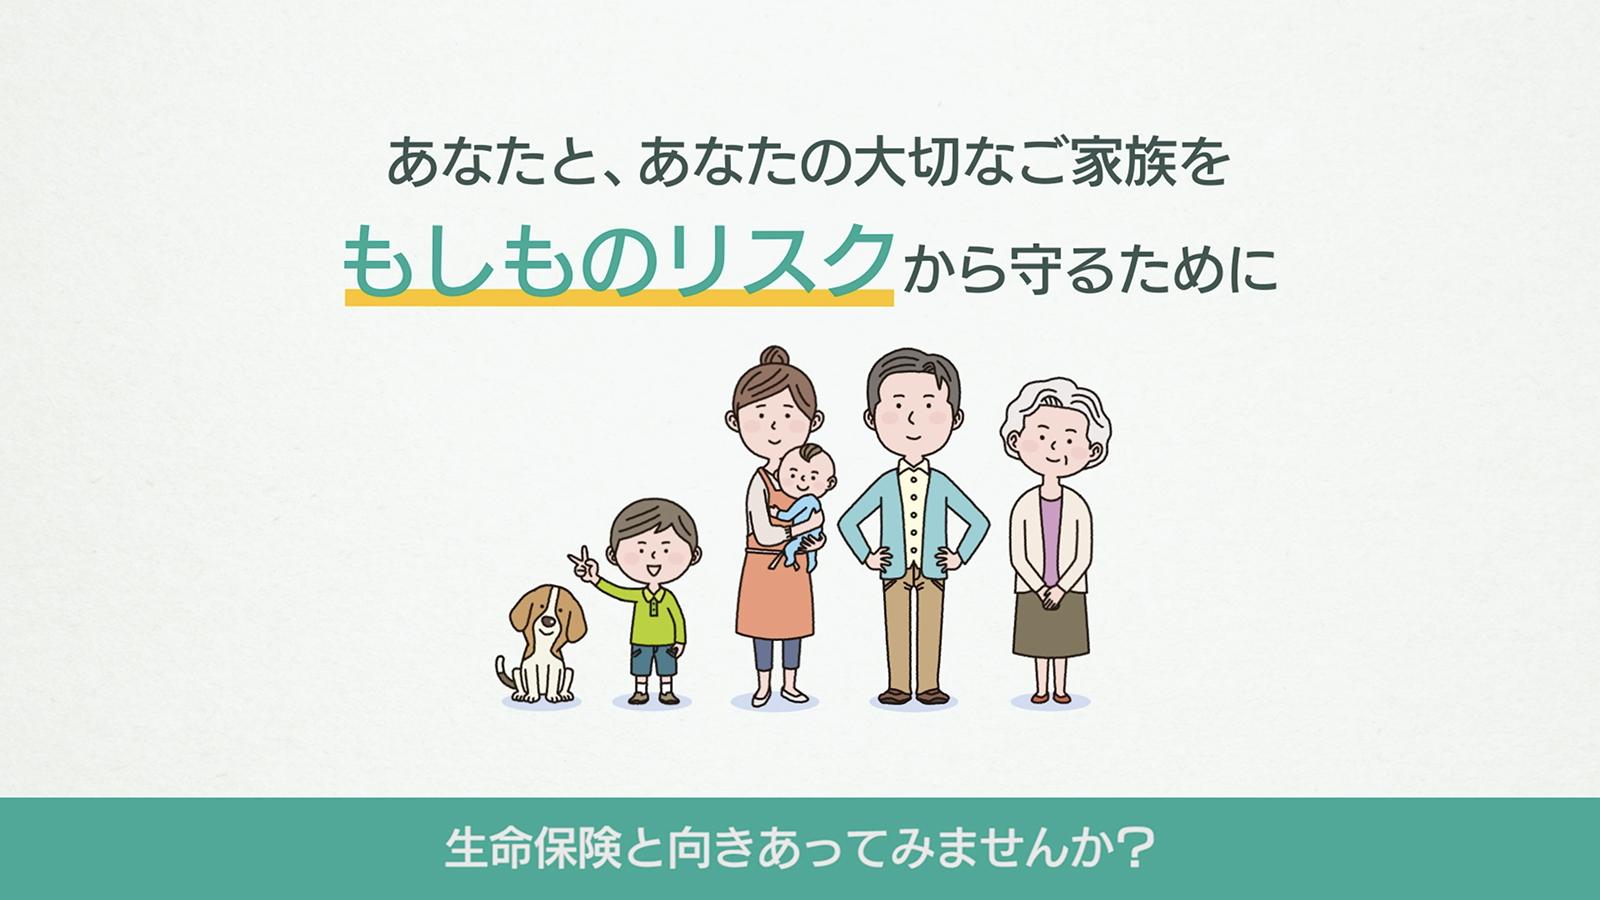 保険の見直し訴求動画「解説」篇